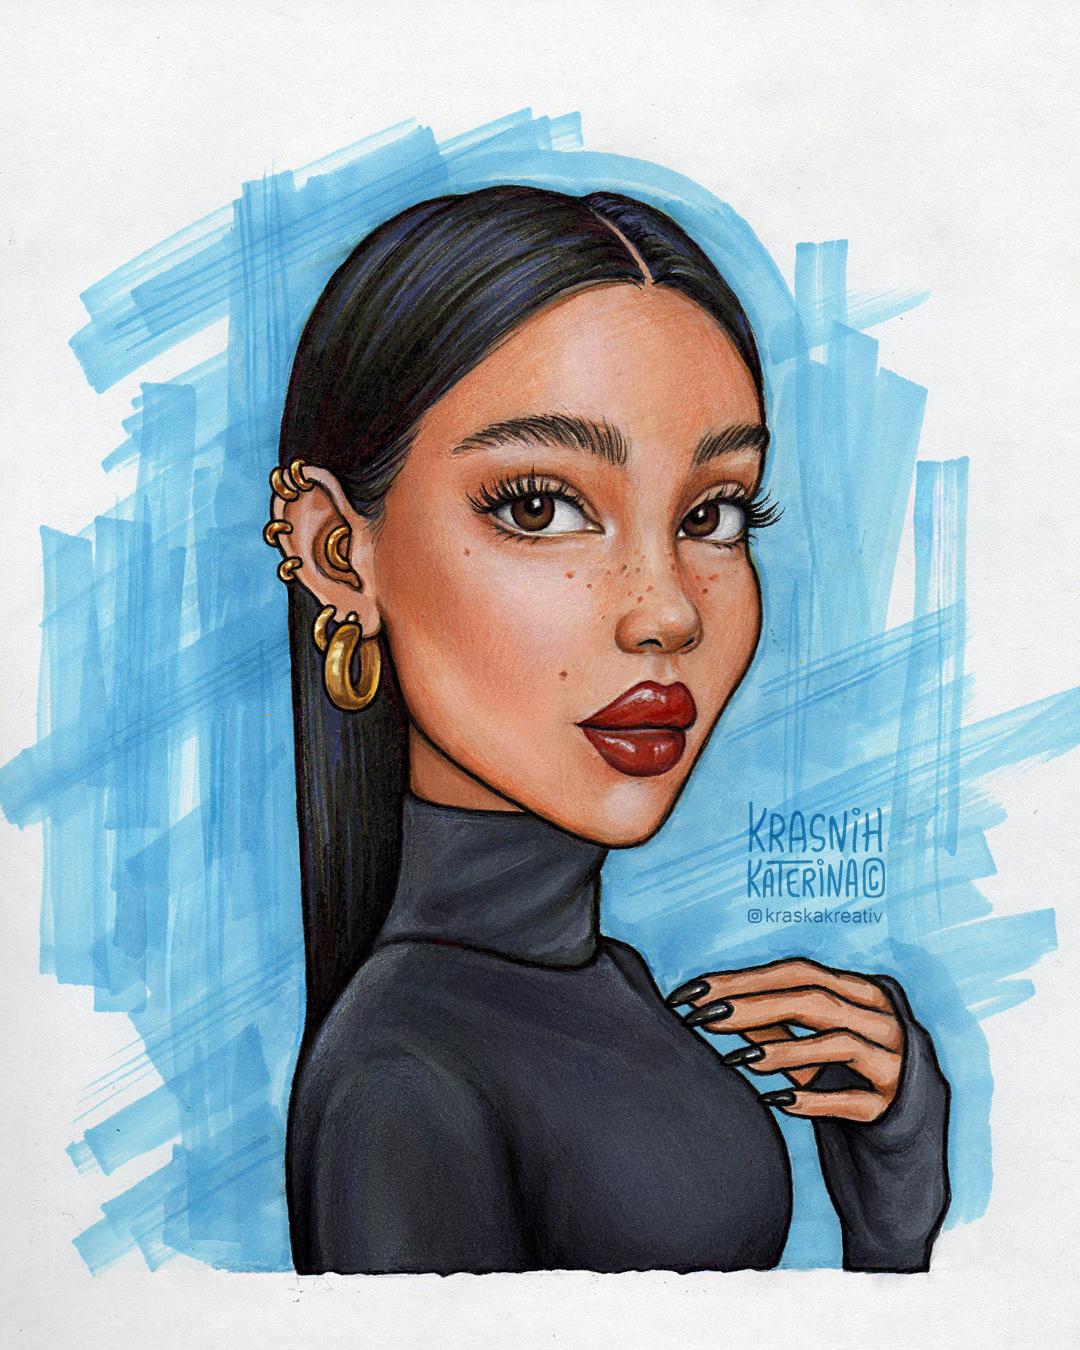 мультяшный портрет стилизация иллюстрация индивидуальный персонаж портреты в мультяшном стиле на заказ